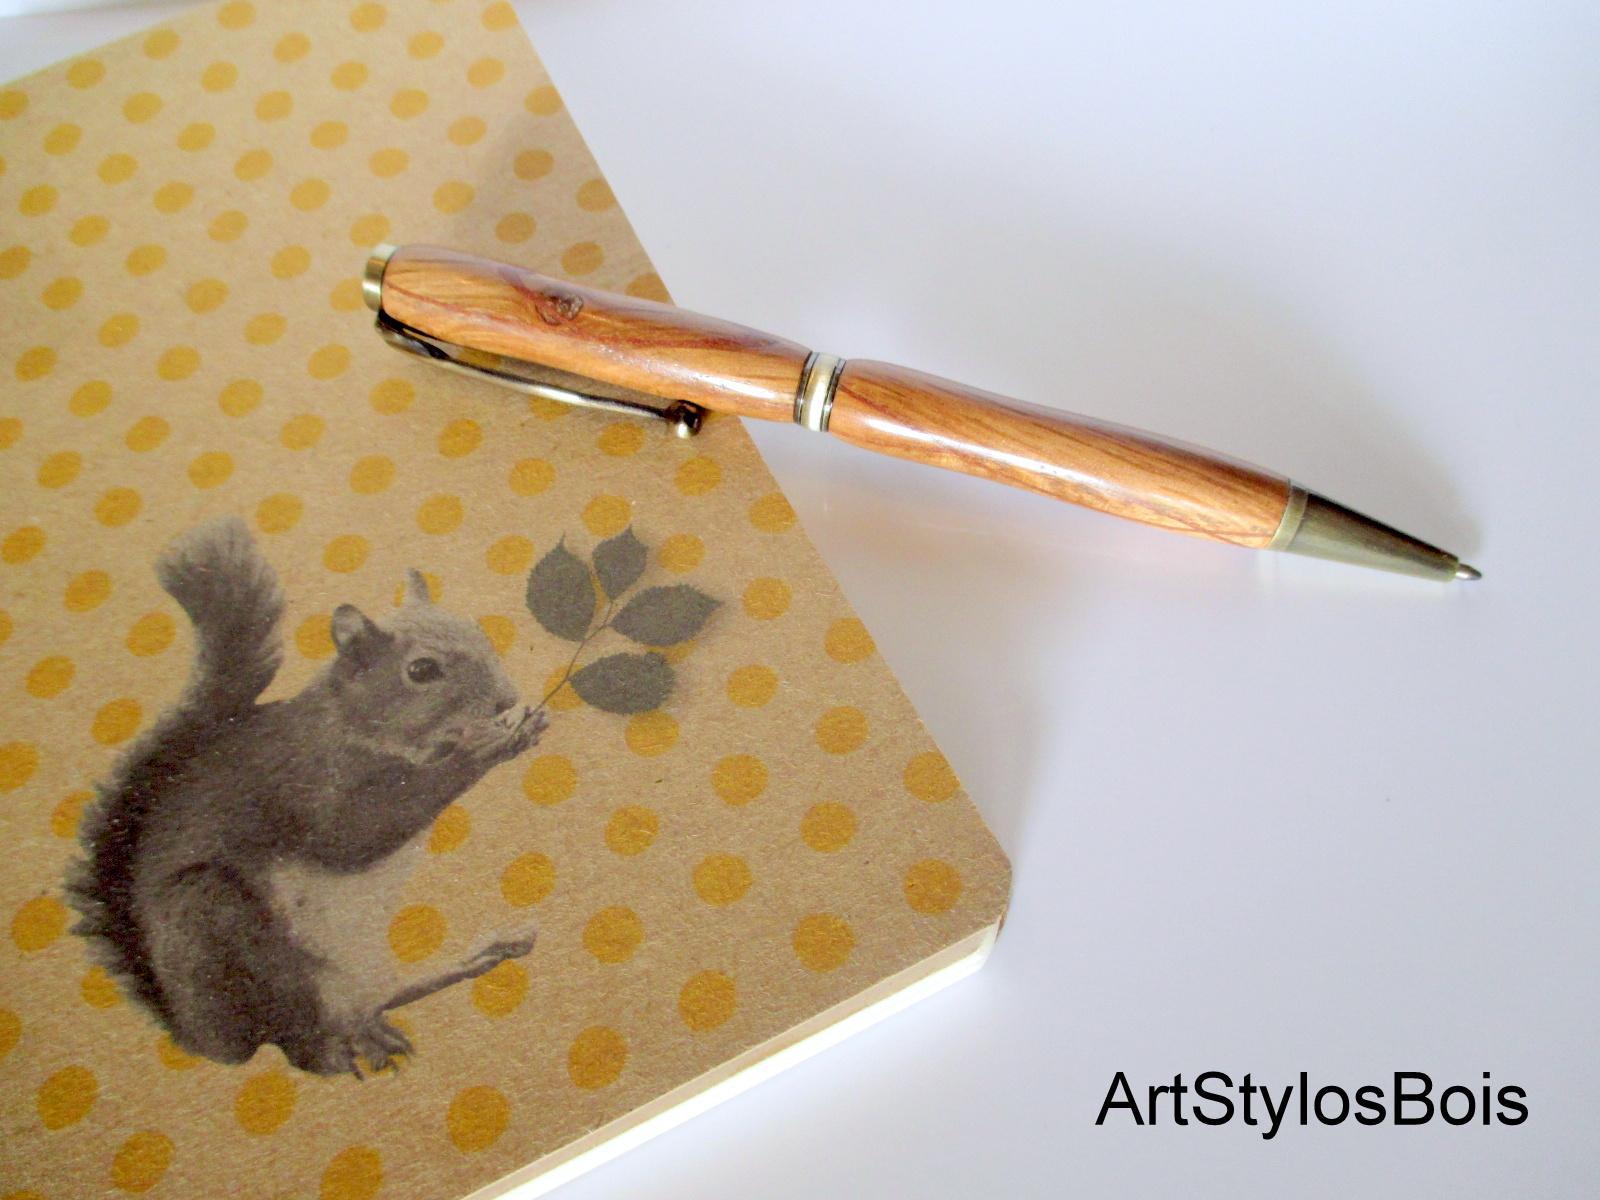 Stylo a crayon en bois de Chêne et plaquage